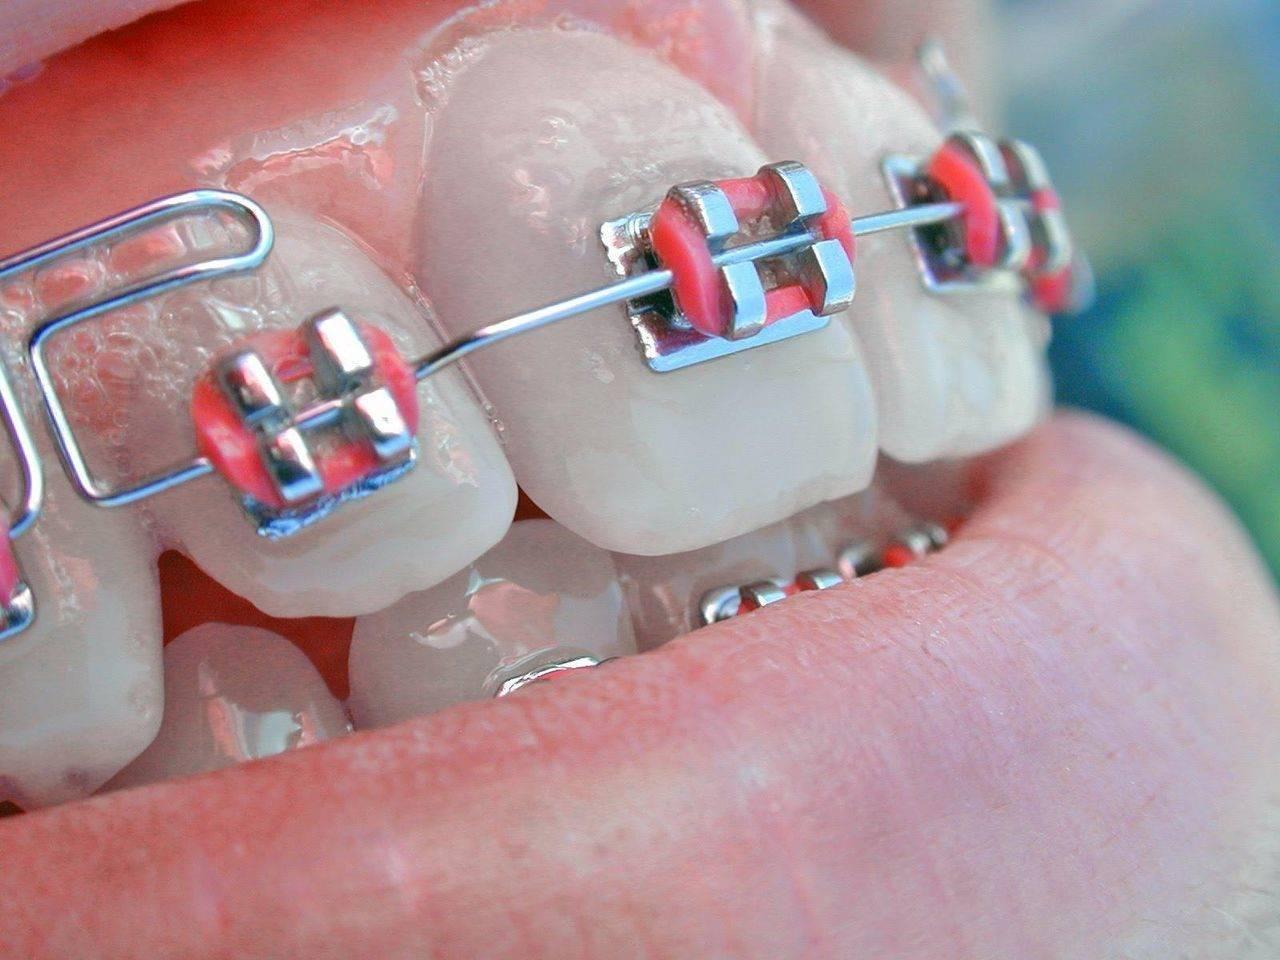 Сколько стоят скобы на зубы, от чего зависит цена